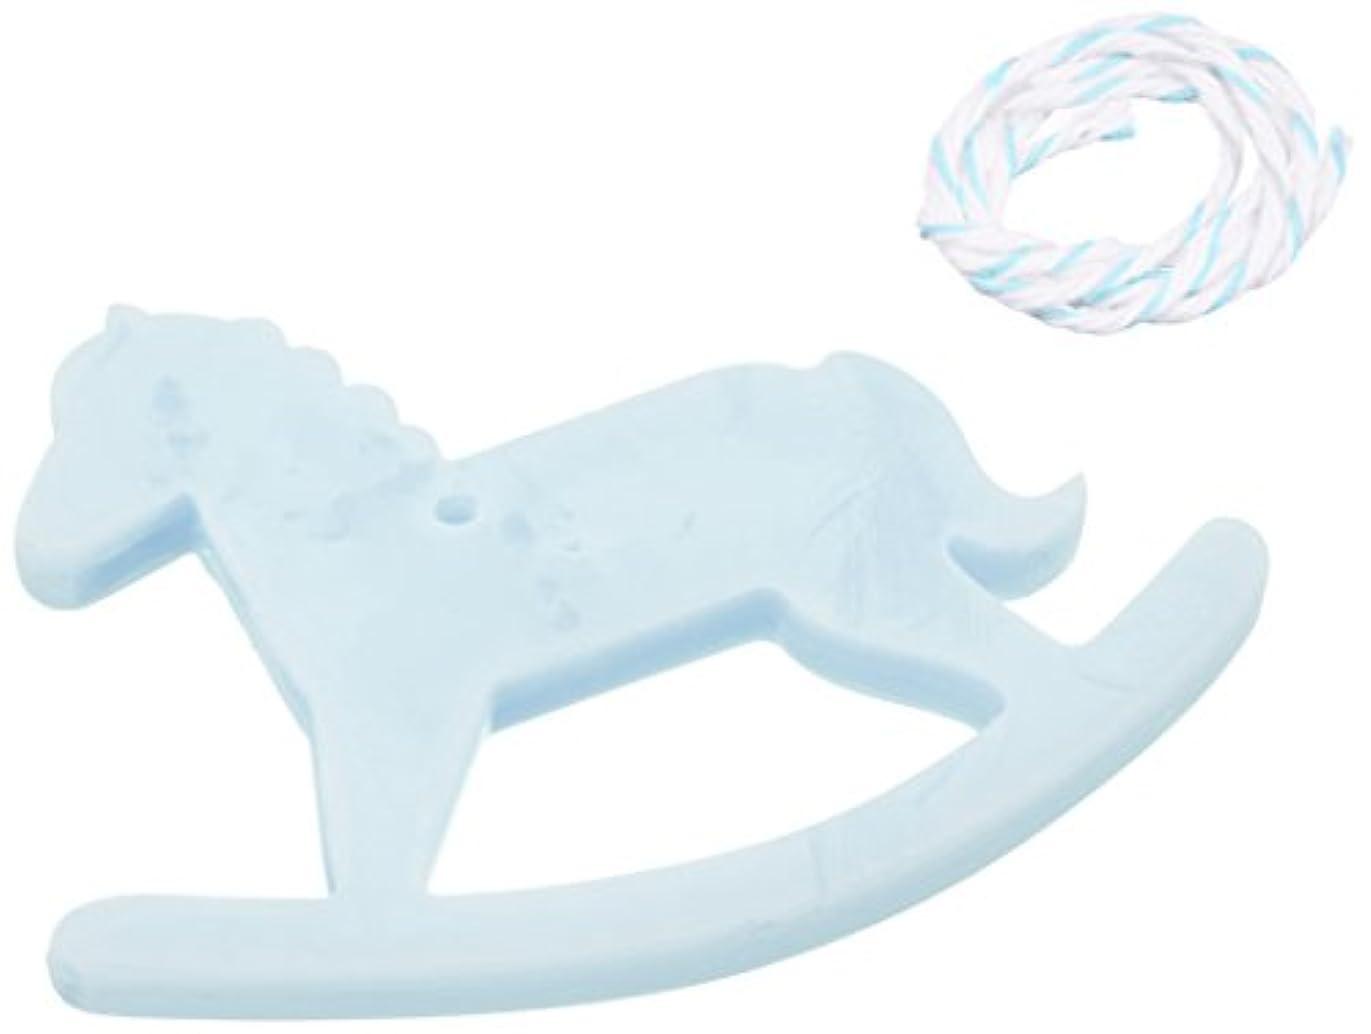 抑制するマイナーリテラシーGRASSE TOKYO AROMATICWAXチャーム「木馬」(BL) ローズマリー アロマティックワックス グラーストウキョウ